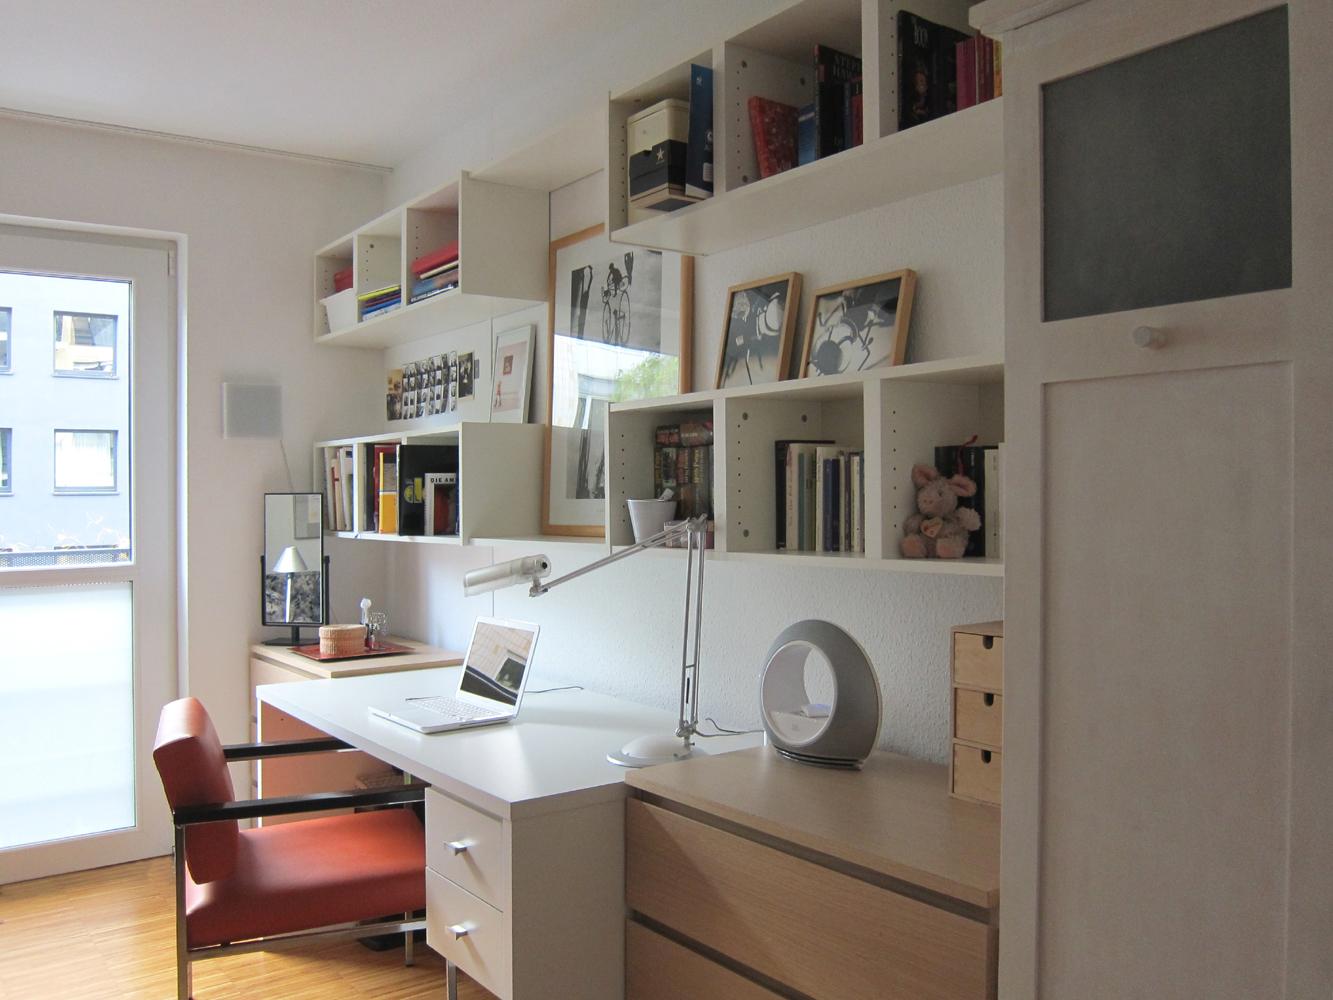 Einrichtung Jugendzimmer - Schreibtisch am Tag